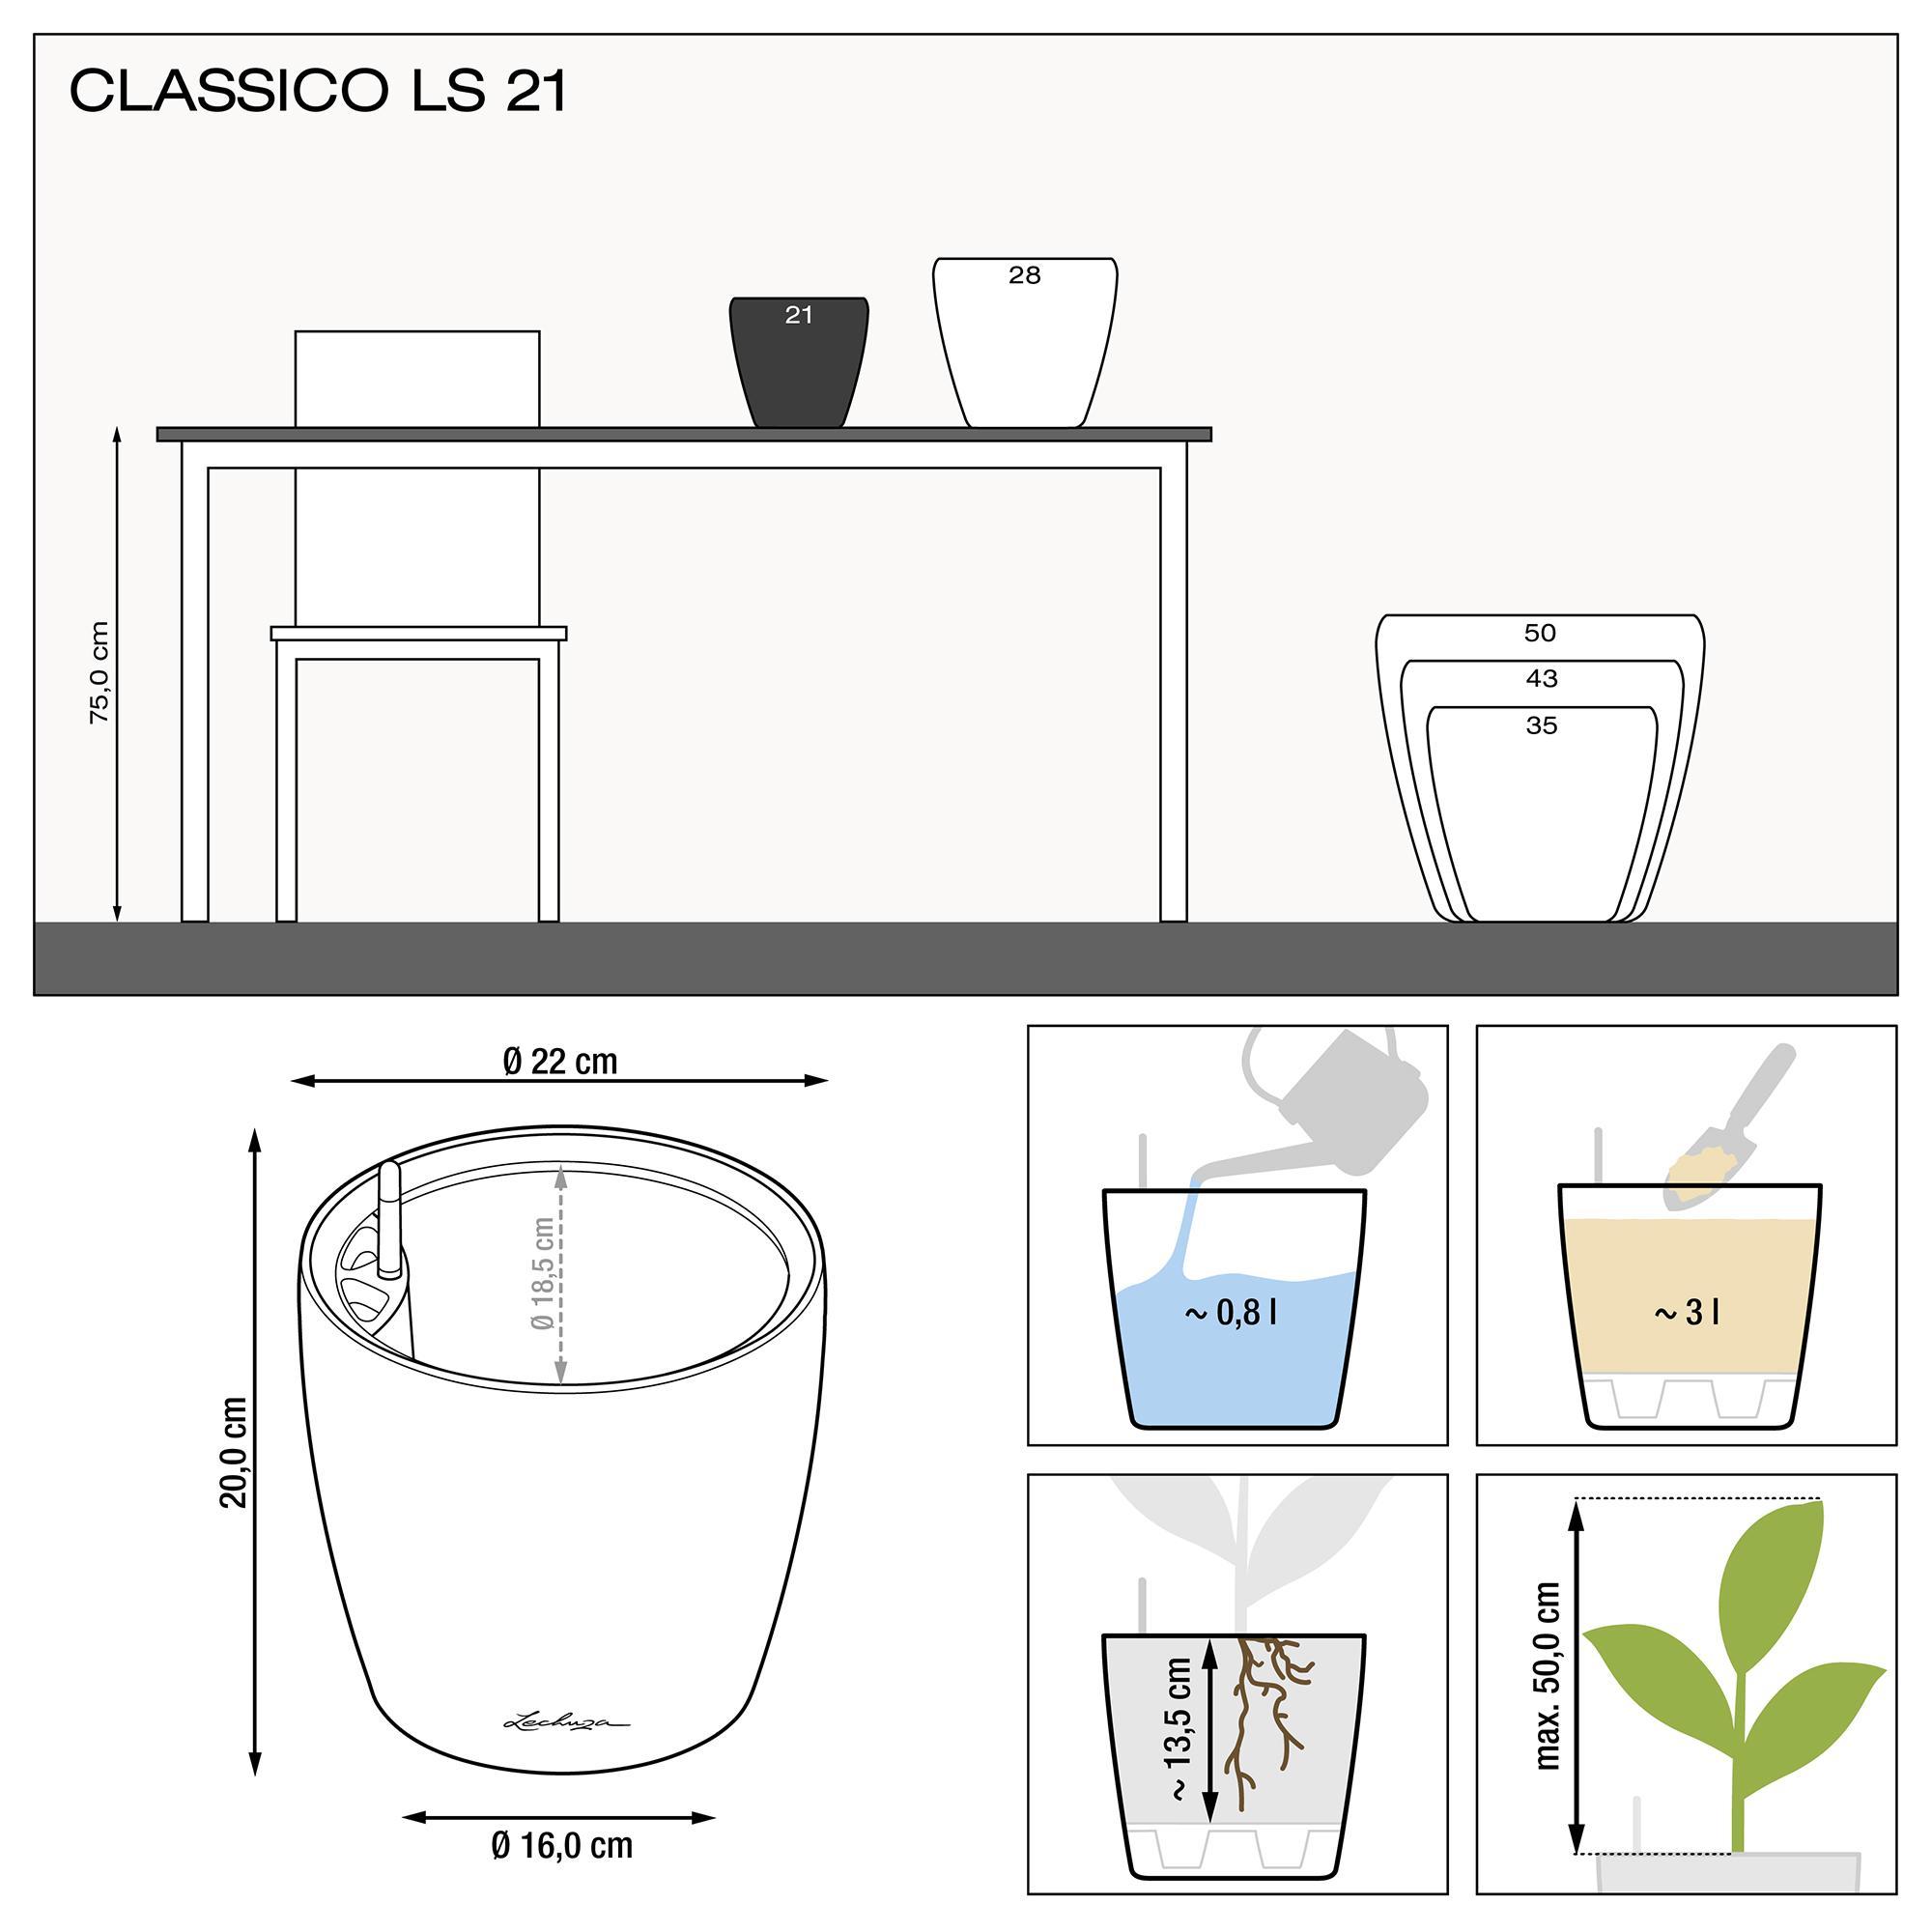 CLASSICO LS 21 charcoal metallic - Image 3